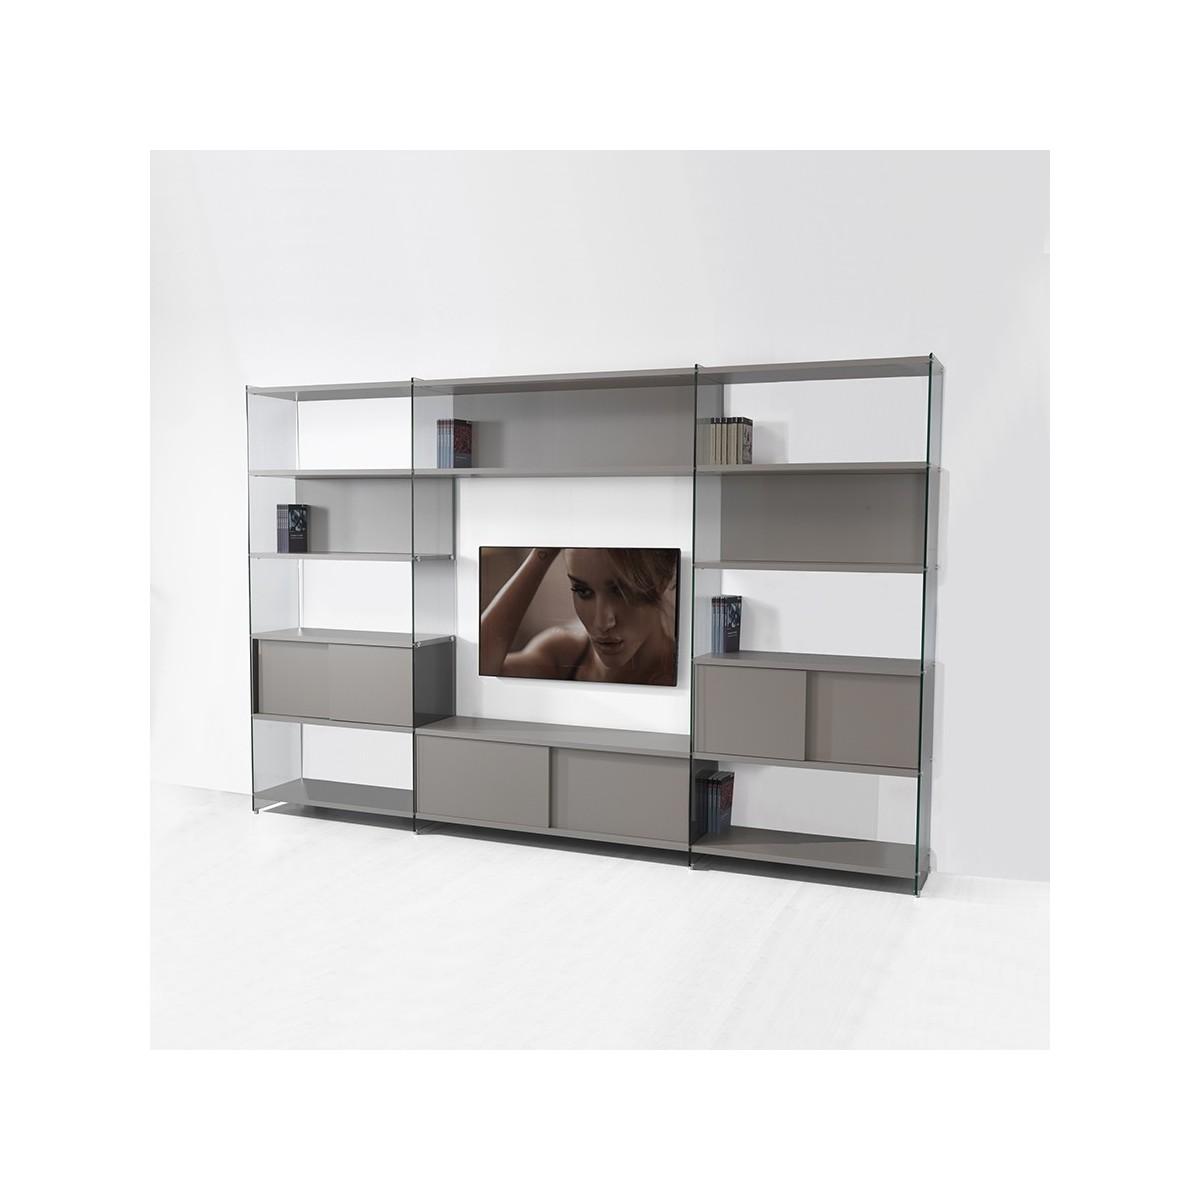 Byblos8 parete attrezzata porta tv in laminato e vetro - Porta dvd da parete ...